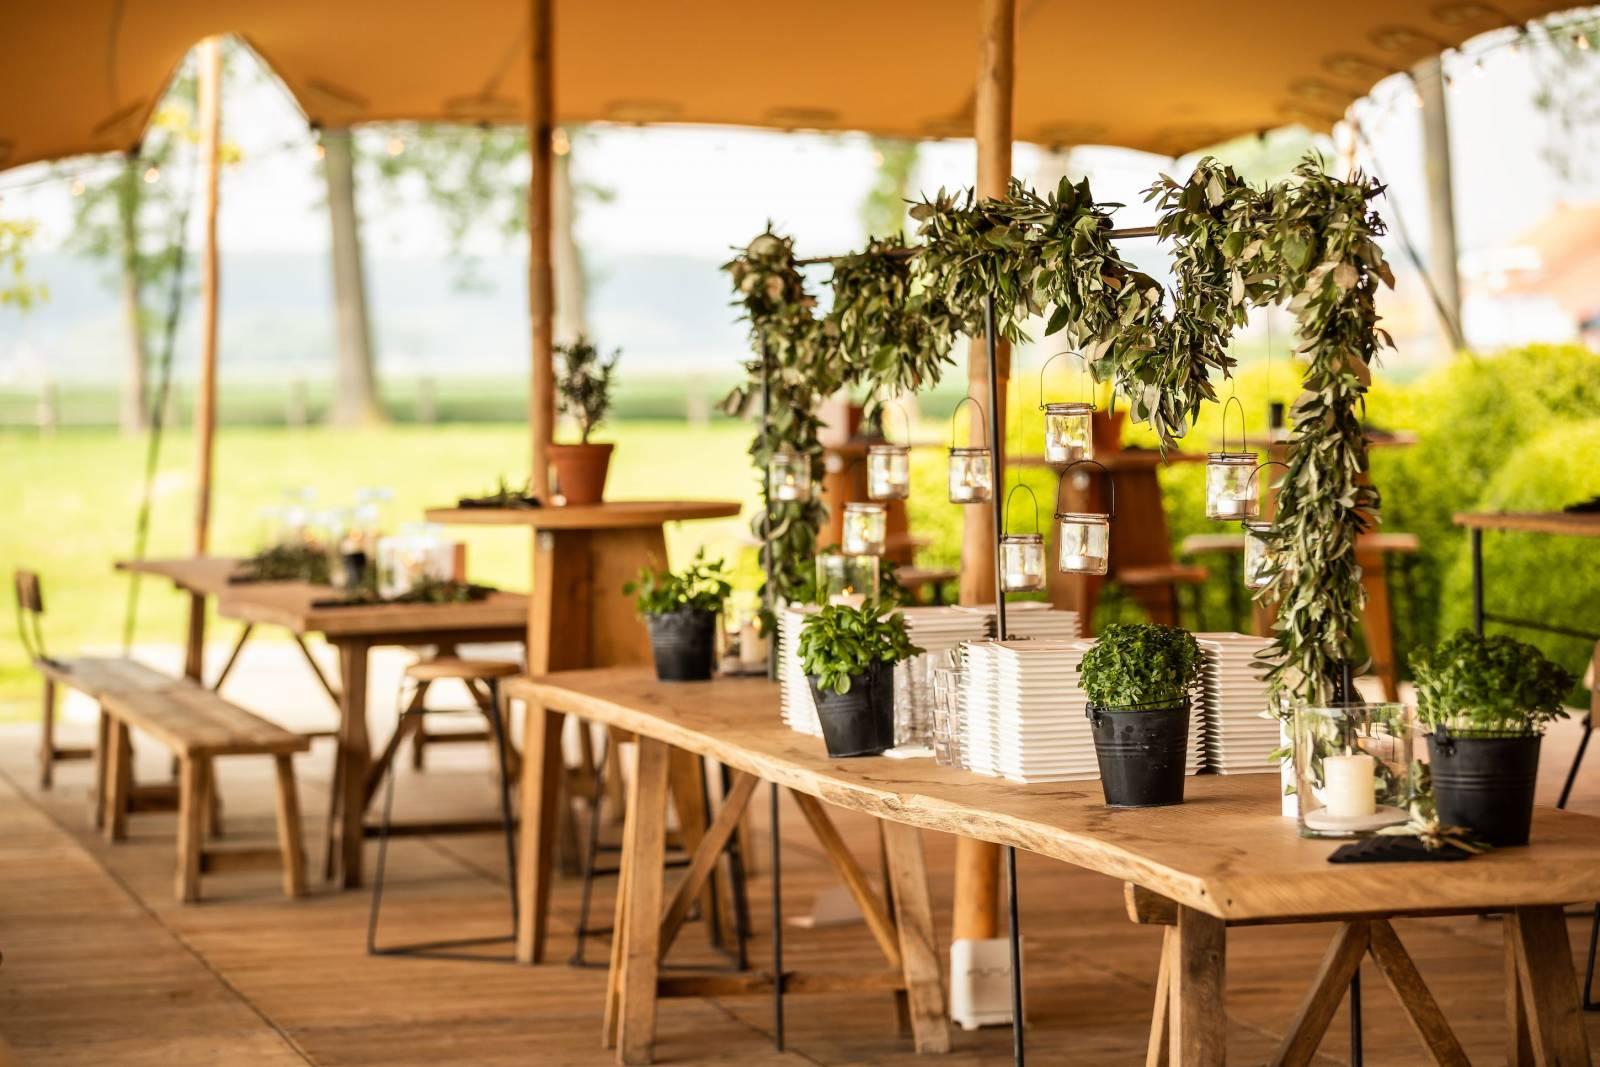 Houtambacht - House of Weddings  - 1